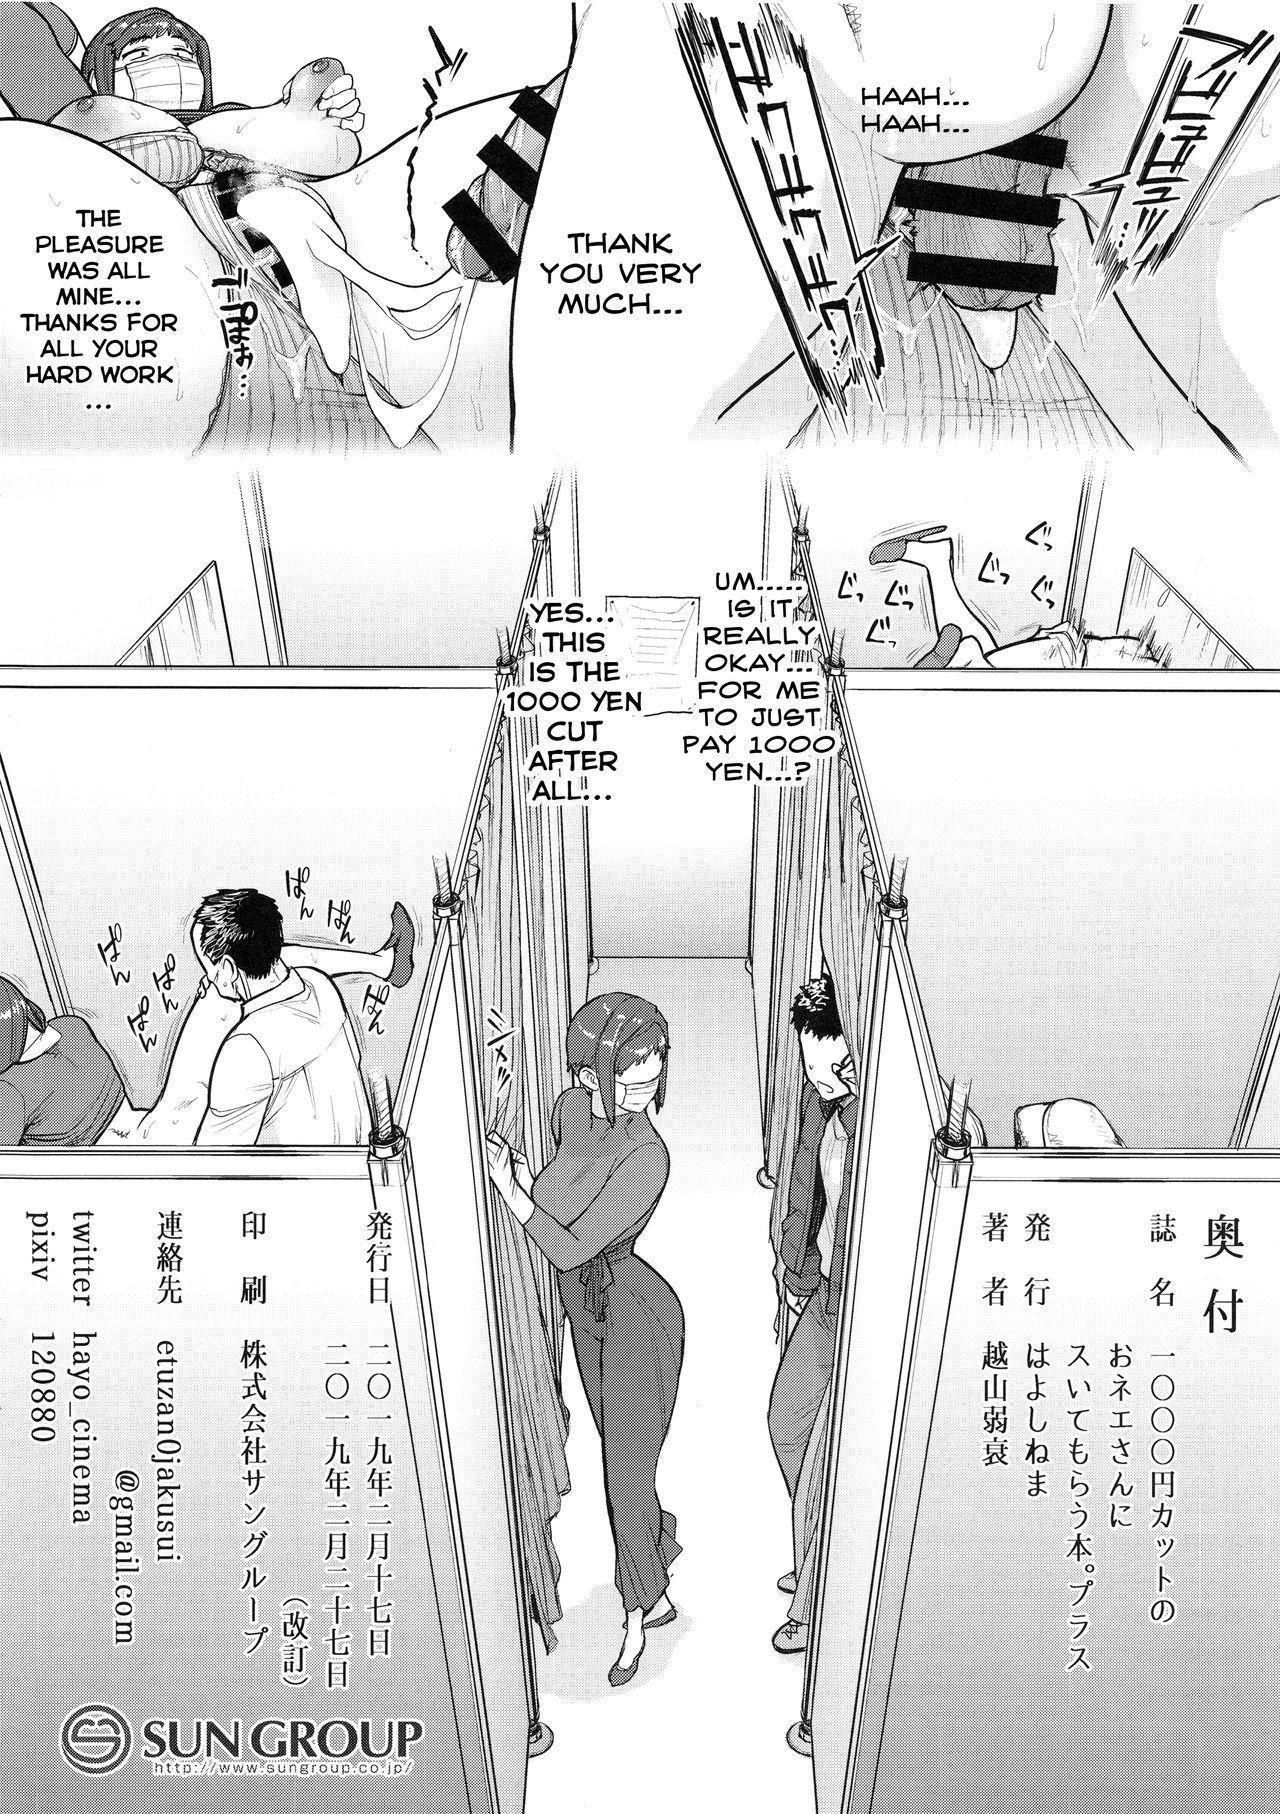 1000 Yen Cut no Onee-san ni Suite Morau Hon. Plus 12